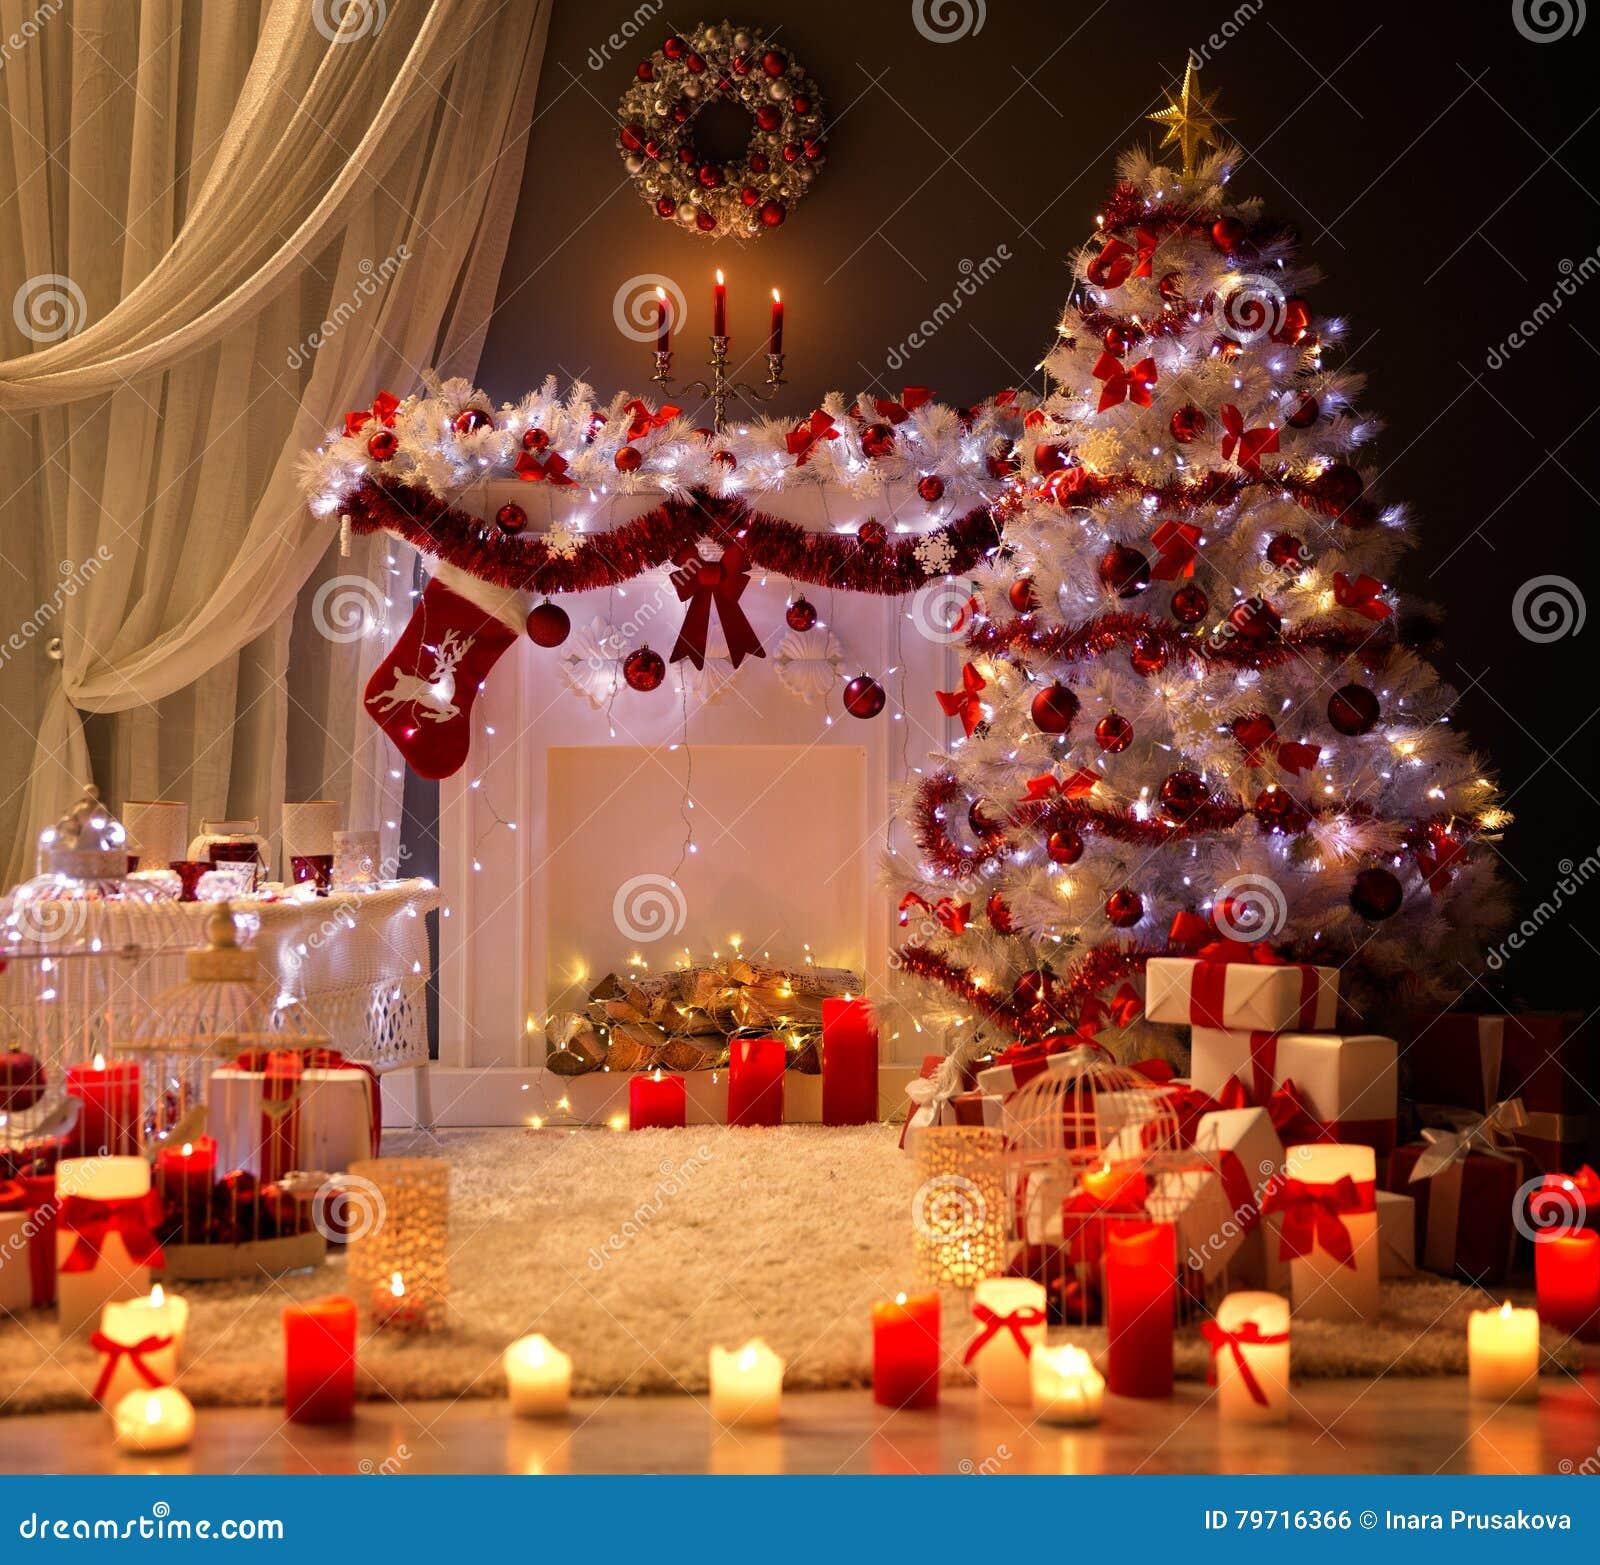 圣诞节内部, Xmas树壁炉光,装饰了室